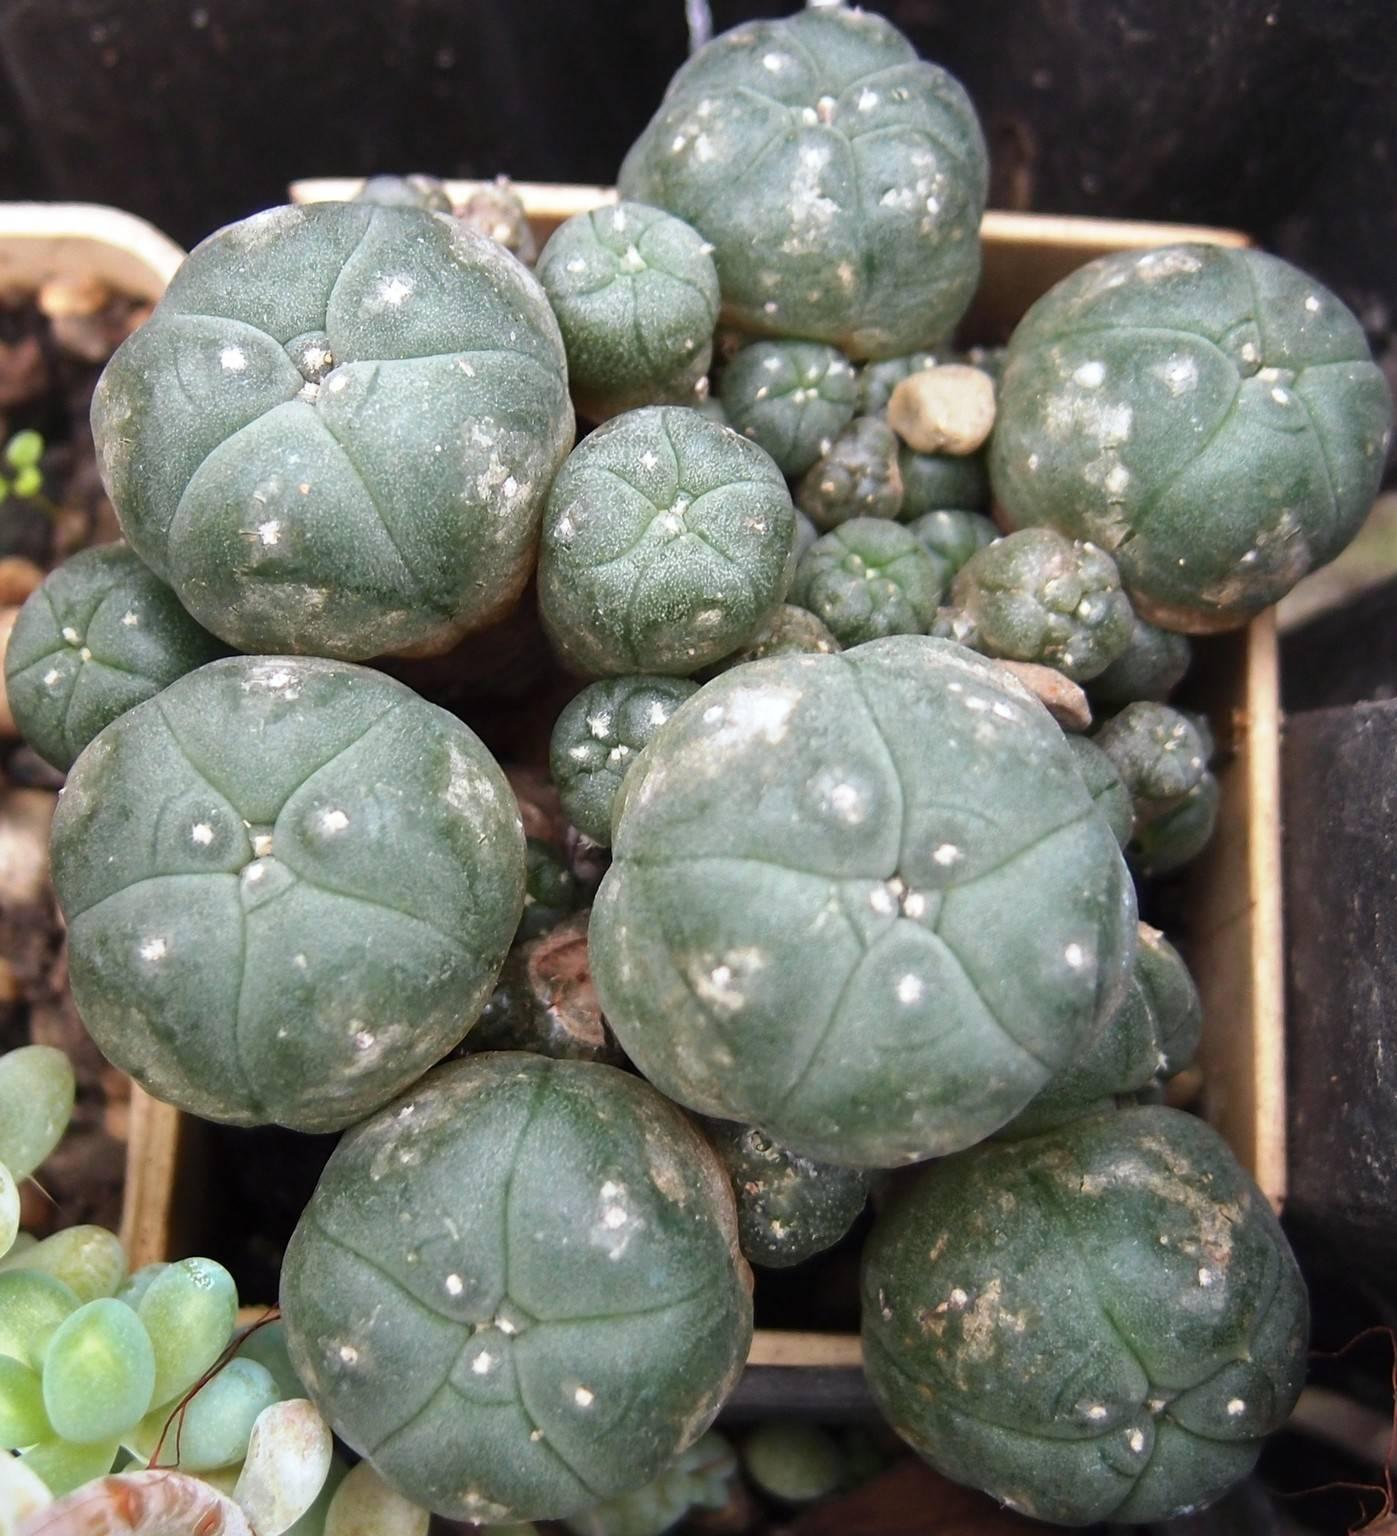 Кактус лофофора: фото и описание видов. уход за лофофорой и персадка. размножение лофофоры семенами.